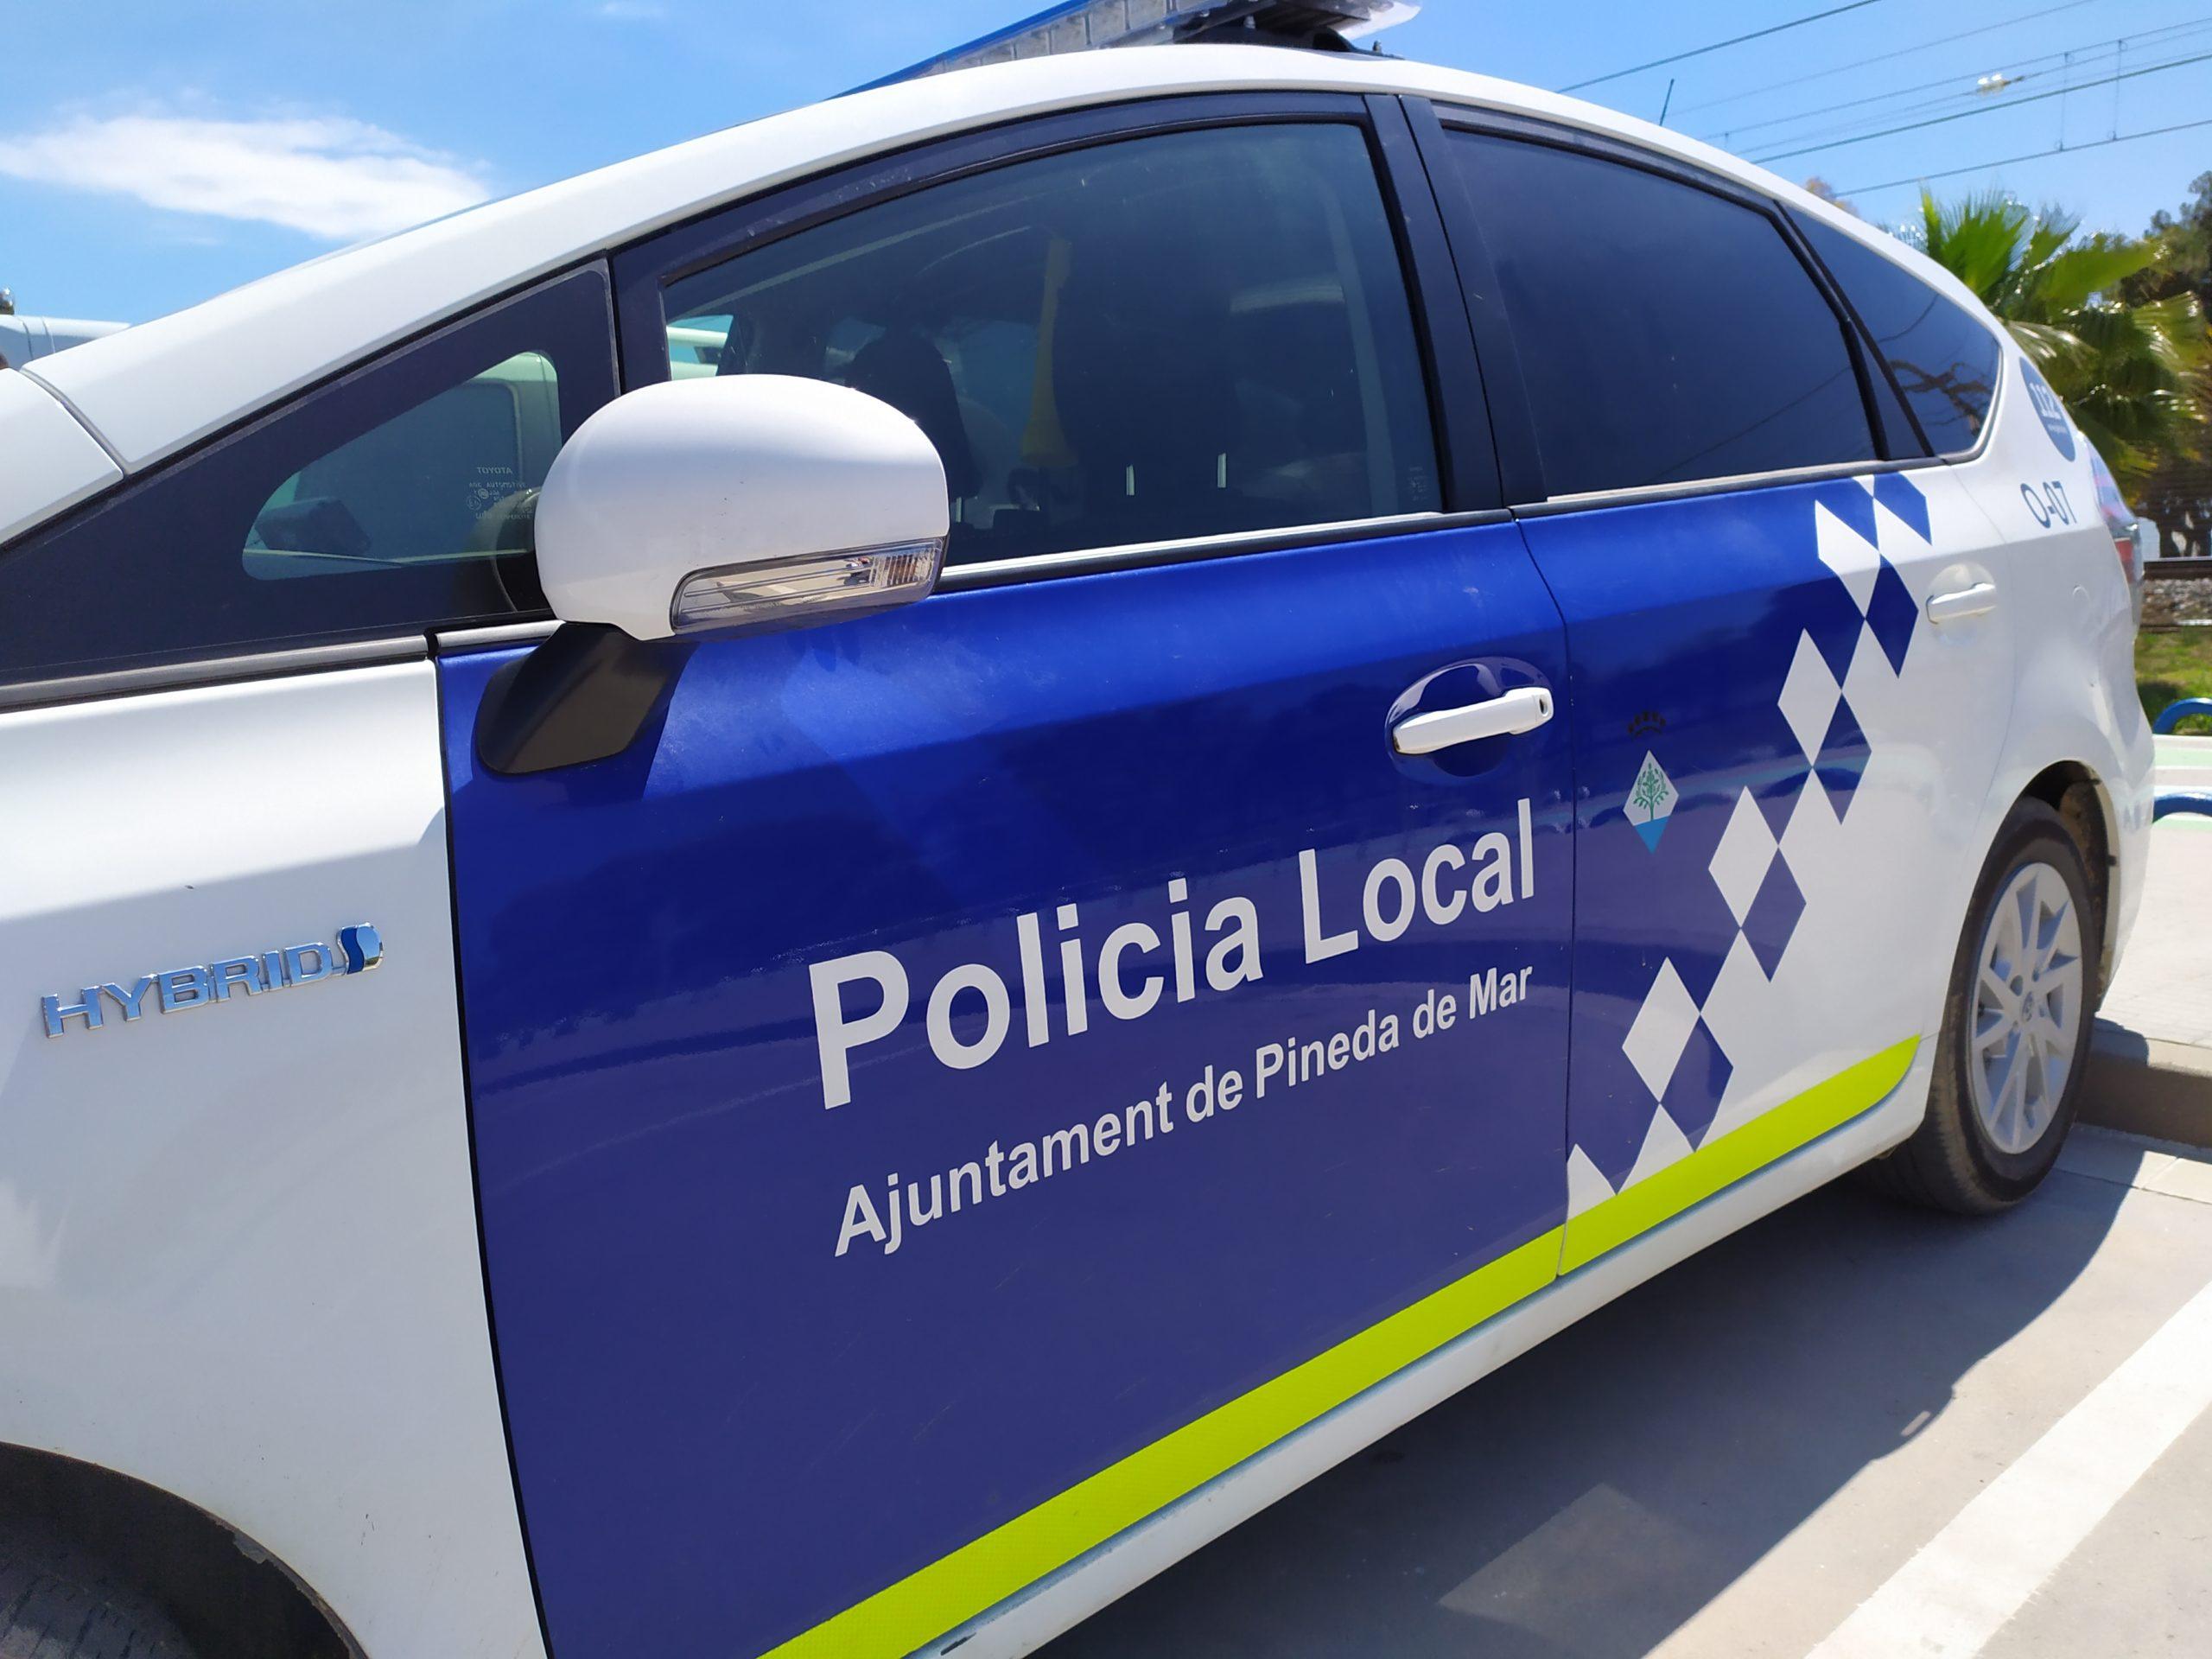 Els comerços podran sol·licitar la presència de la Policia Local a través d'una app gratuïta. Foto: Aj. Pineda de Mar